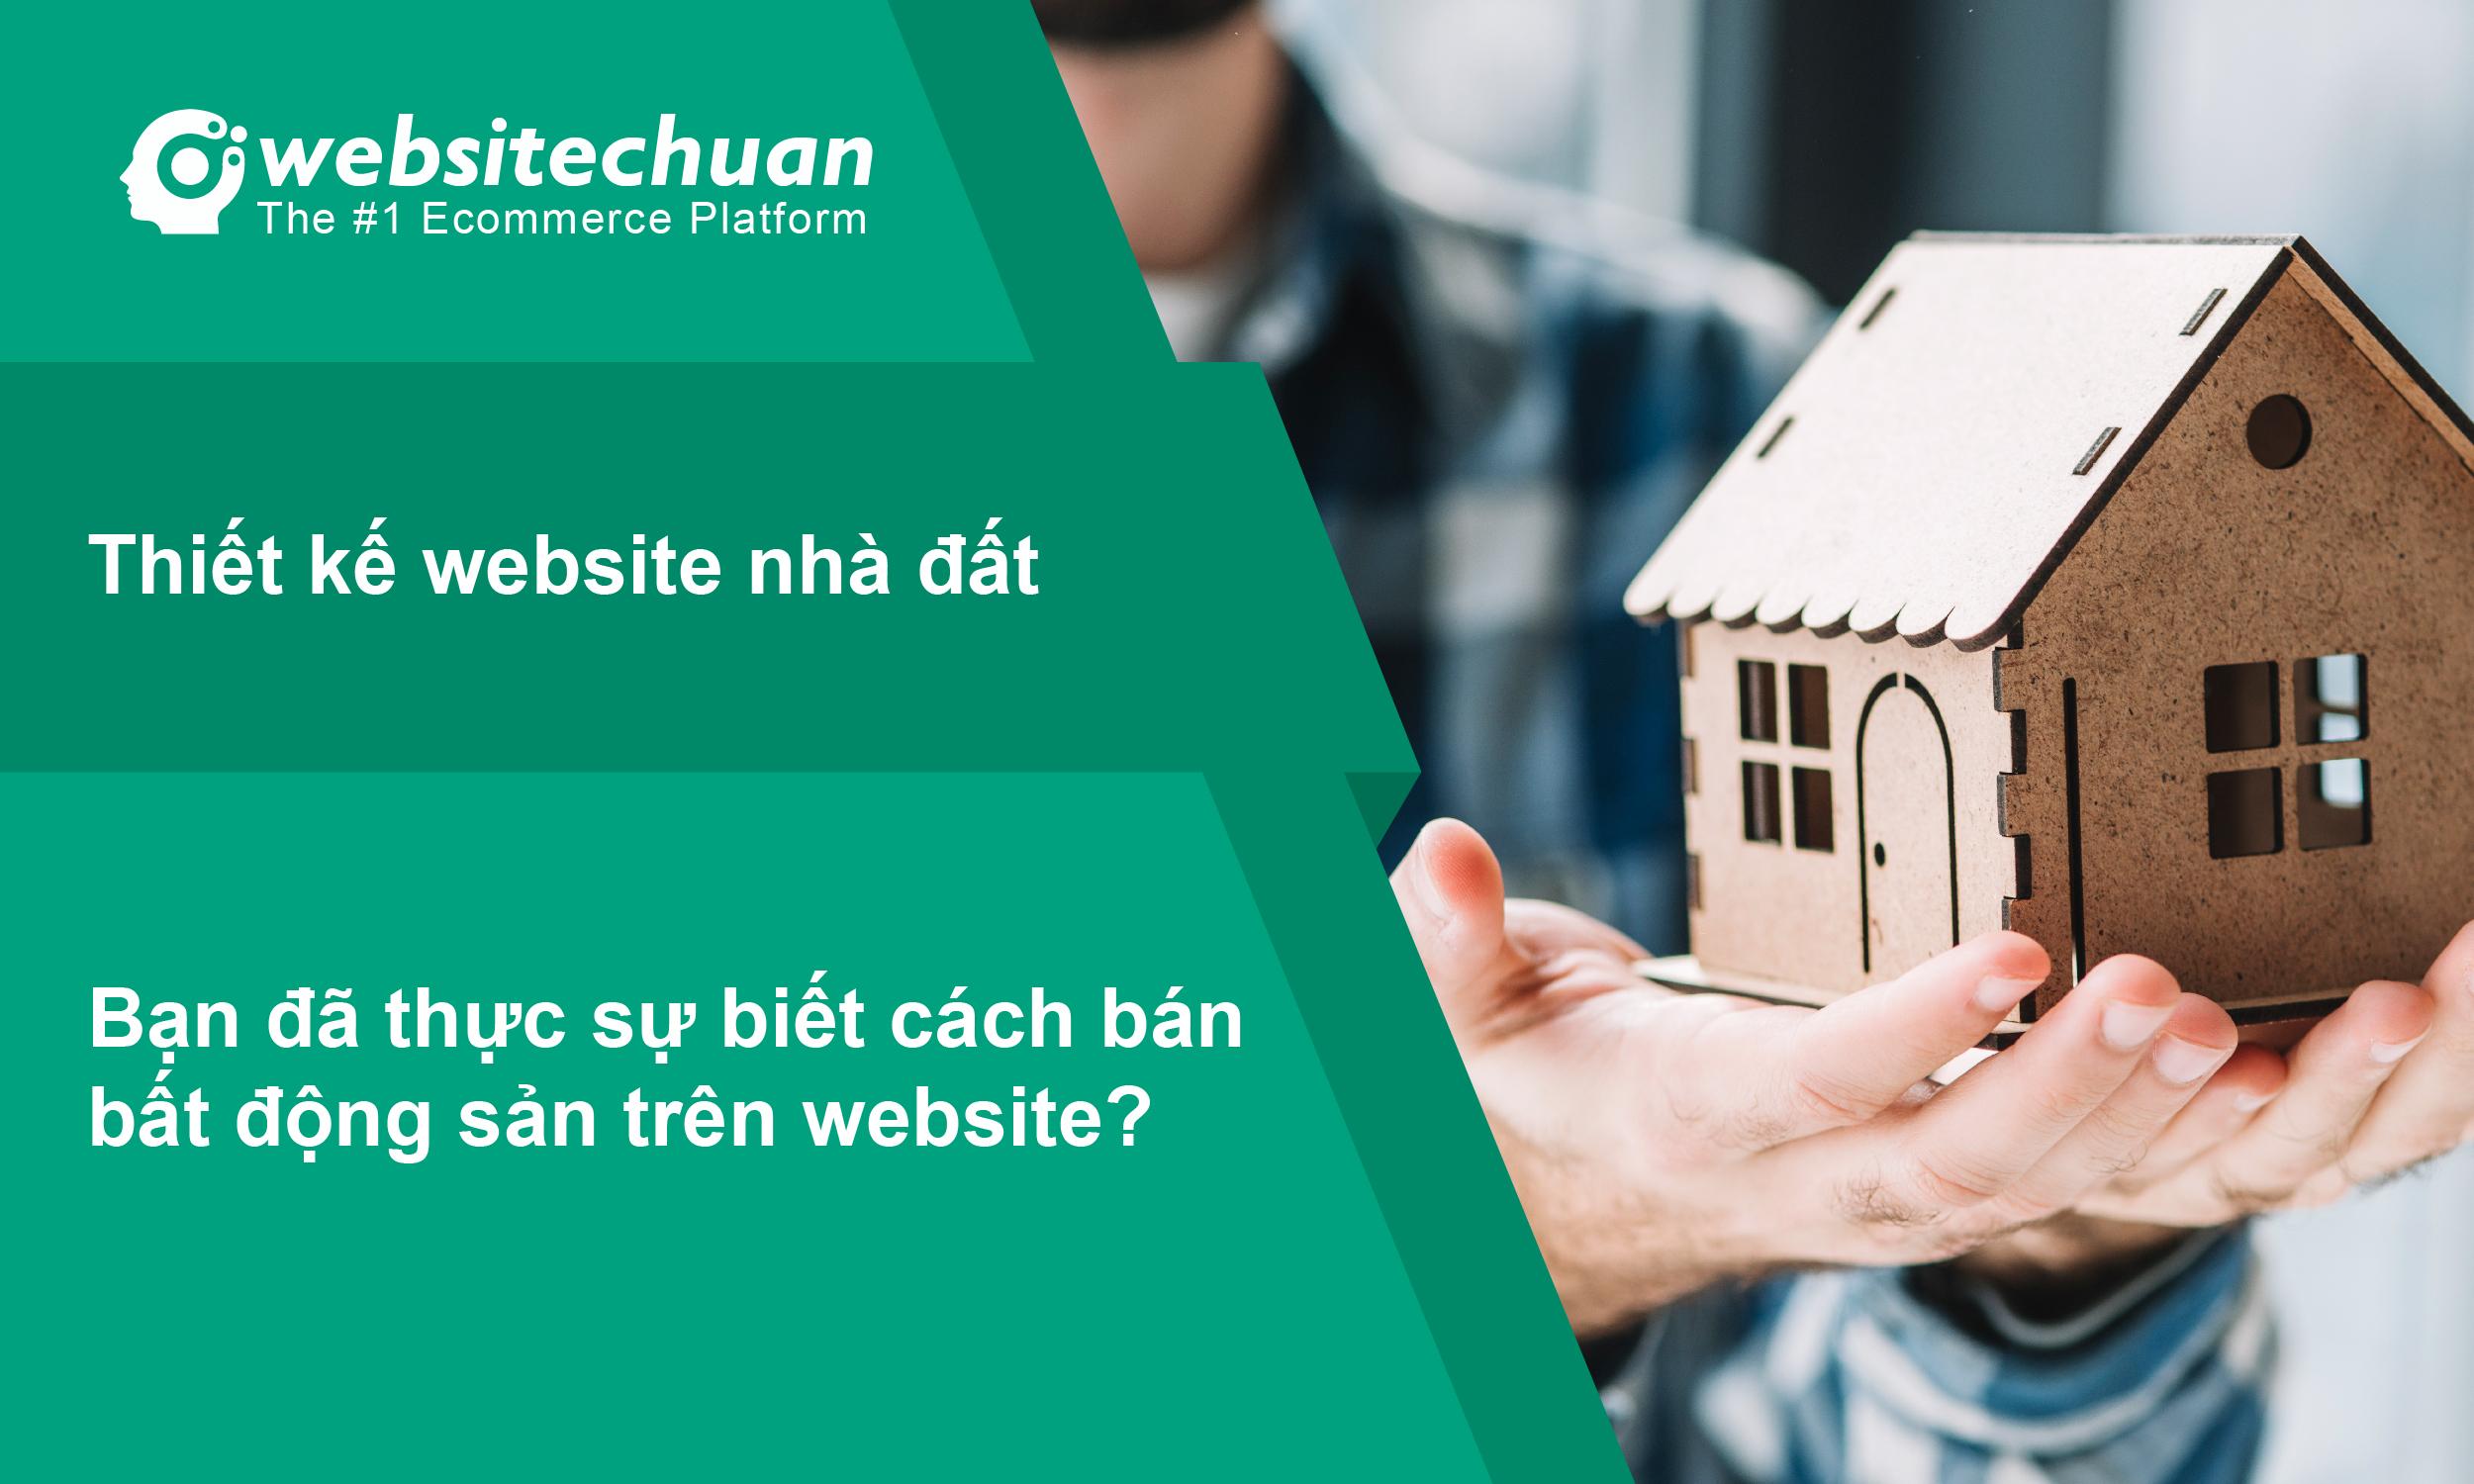 Xây dựng website nhà đất, bất động sản, cách bán bất động sản trên website